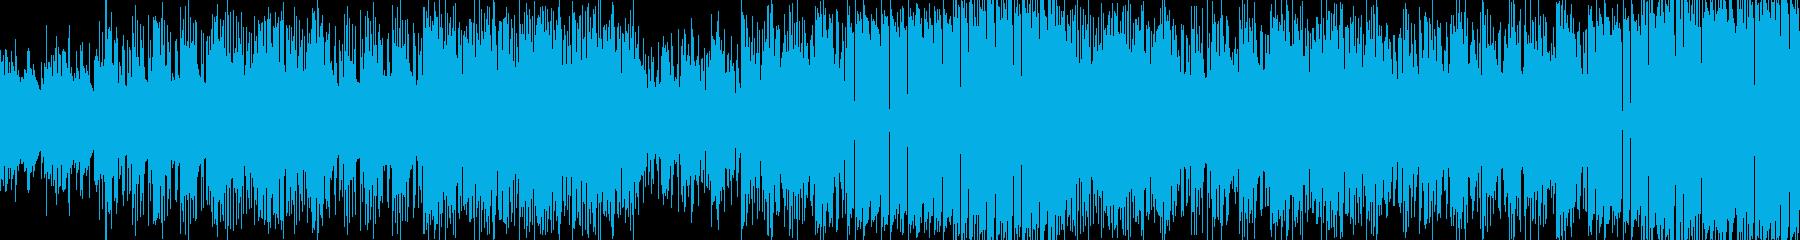 ミニマルエレピHipHop 説明動画などの再生済みの波形